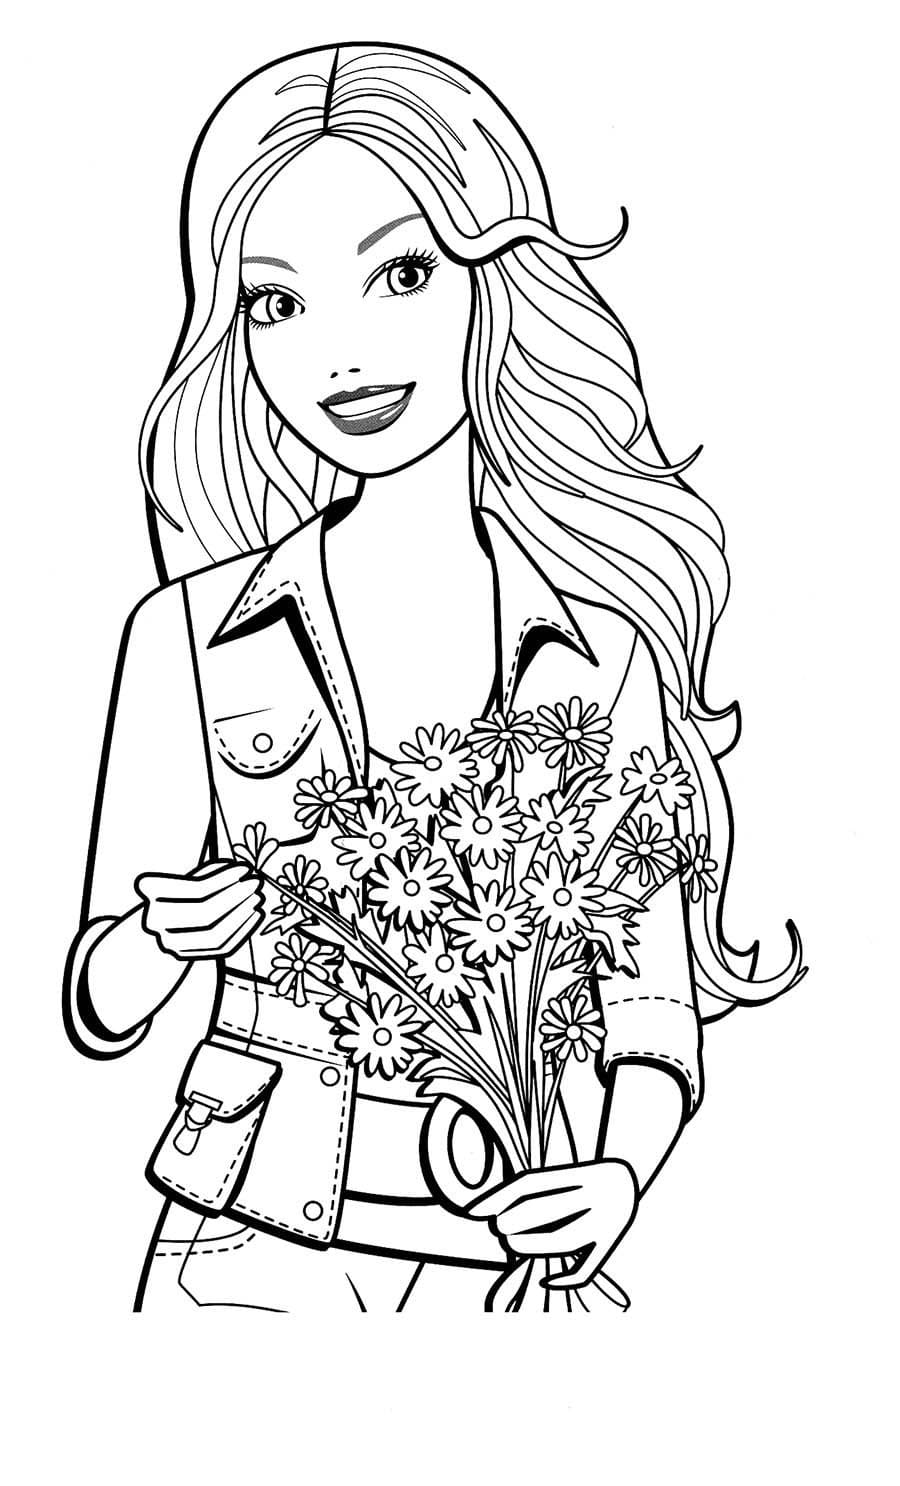 Desenhos do Barbie para colorir. Você pode imprimir gratuitamente